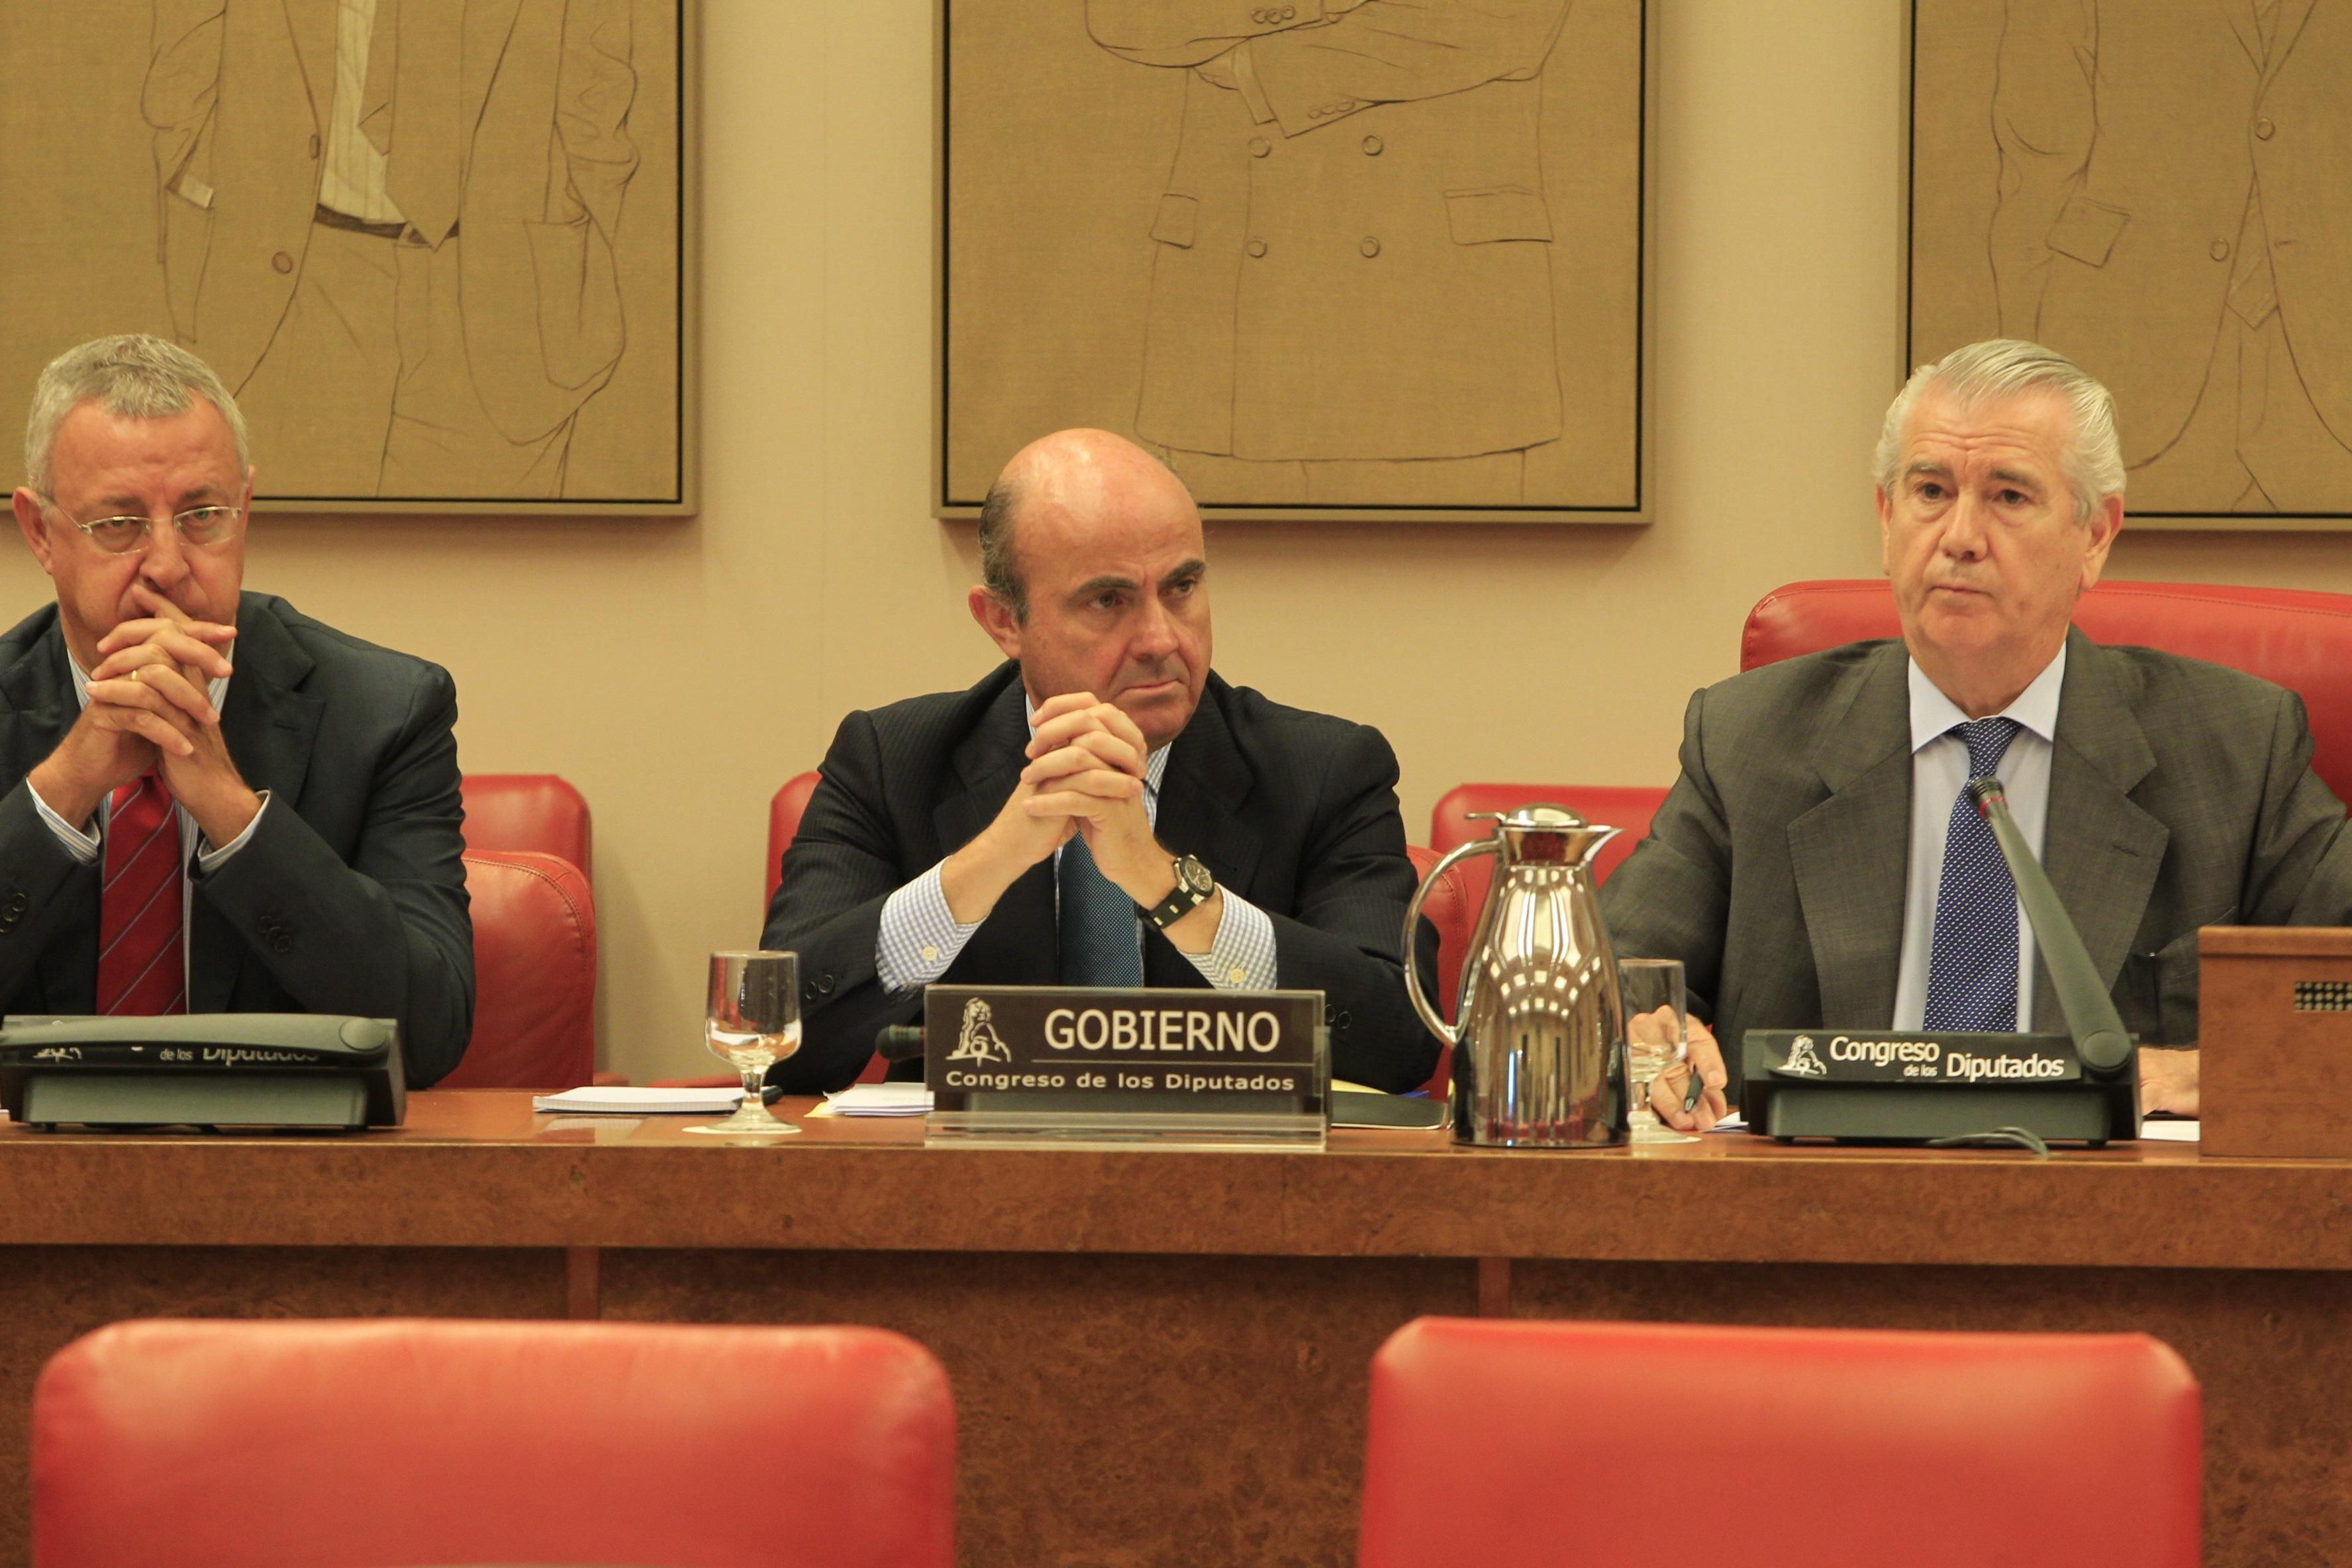 El PP rechaza que Guindos explique en el Congreso el balance del FROB y se remite a la subcomisión específica